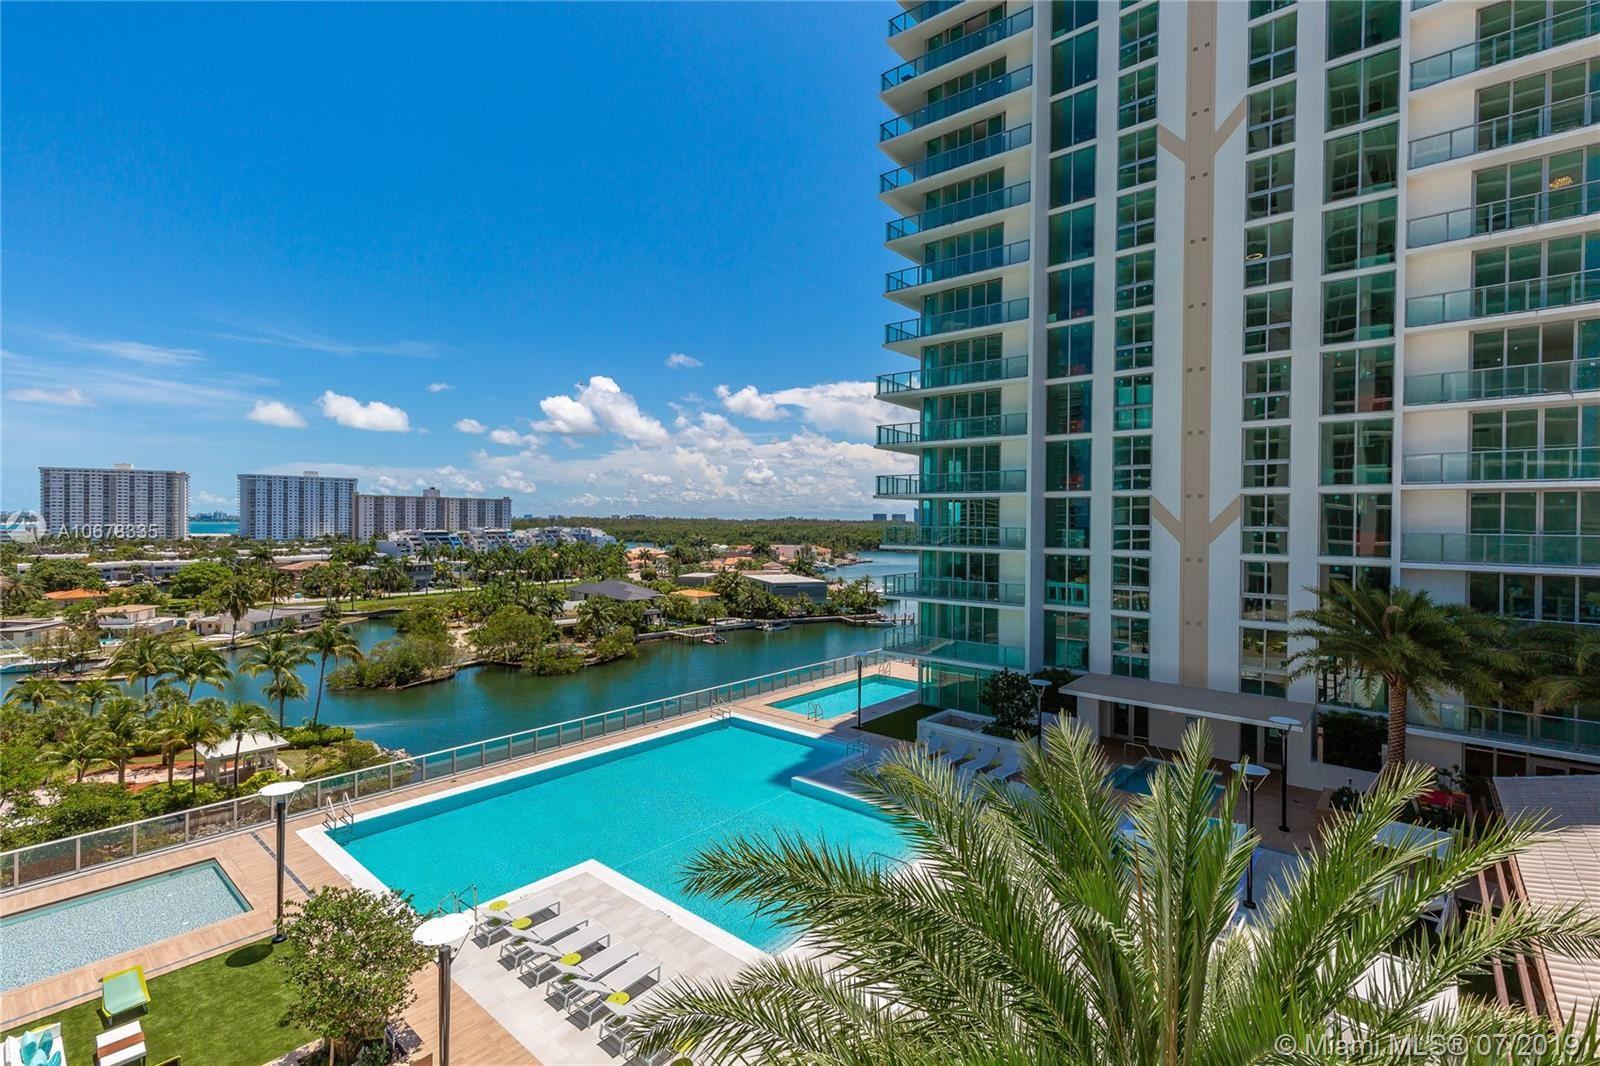 300 Sunny Isles Blvd #4-807, Sunny Isles, FL 33160 - #: A10678335